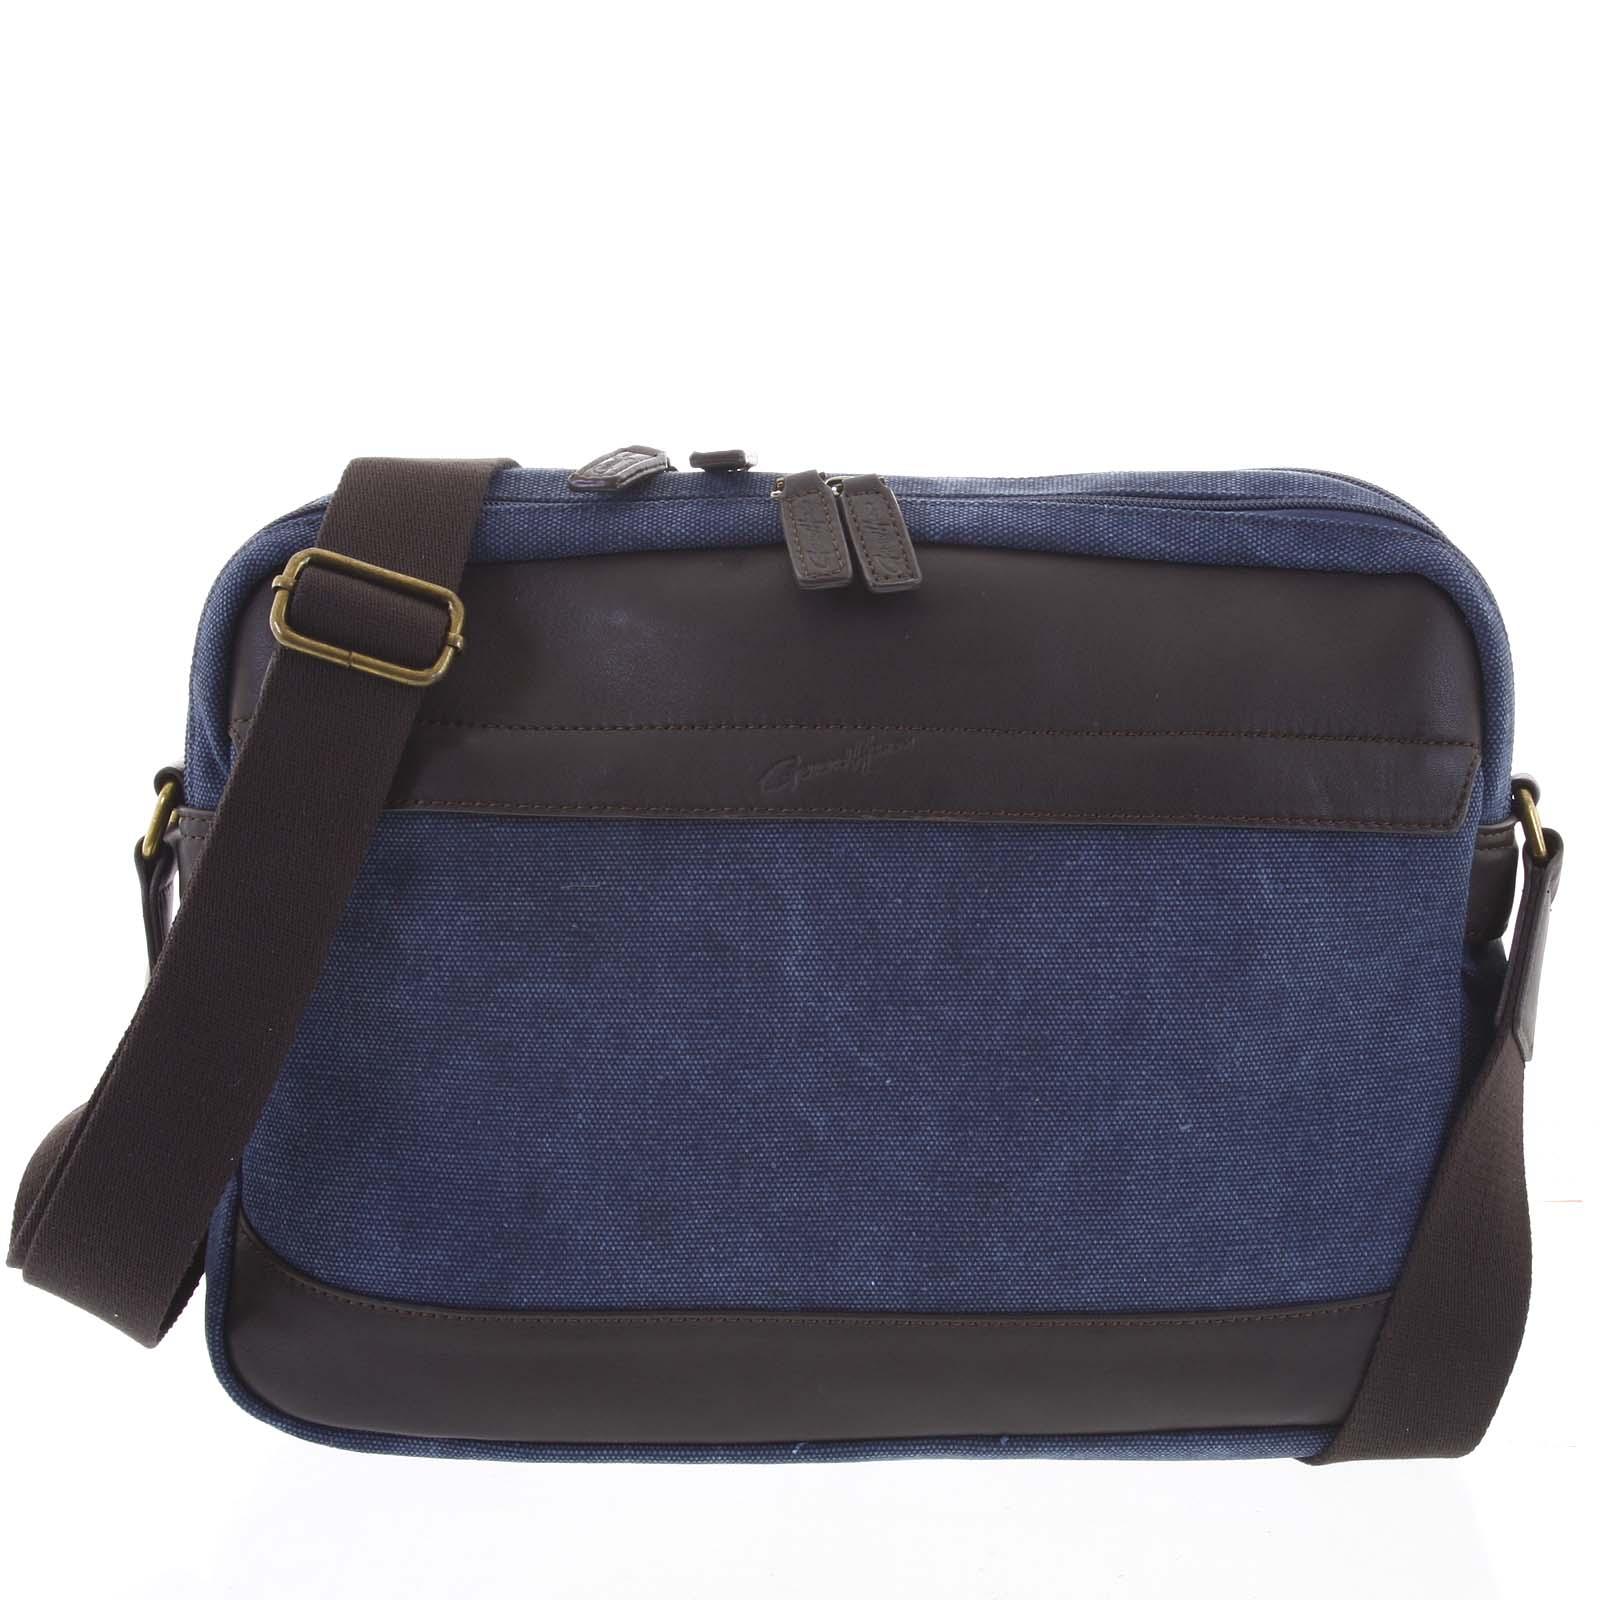 Moderná pánska taška s koženými detailmi modrá - Gerard Henon Telfor modrá